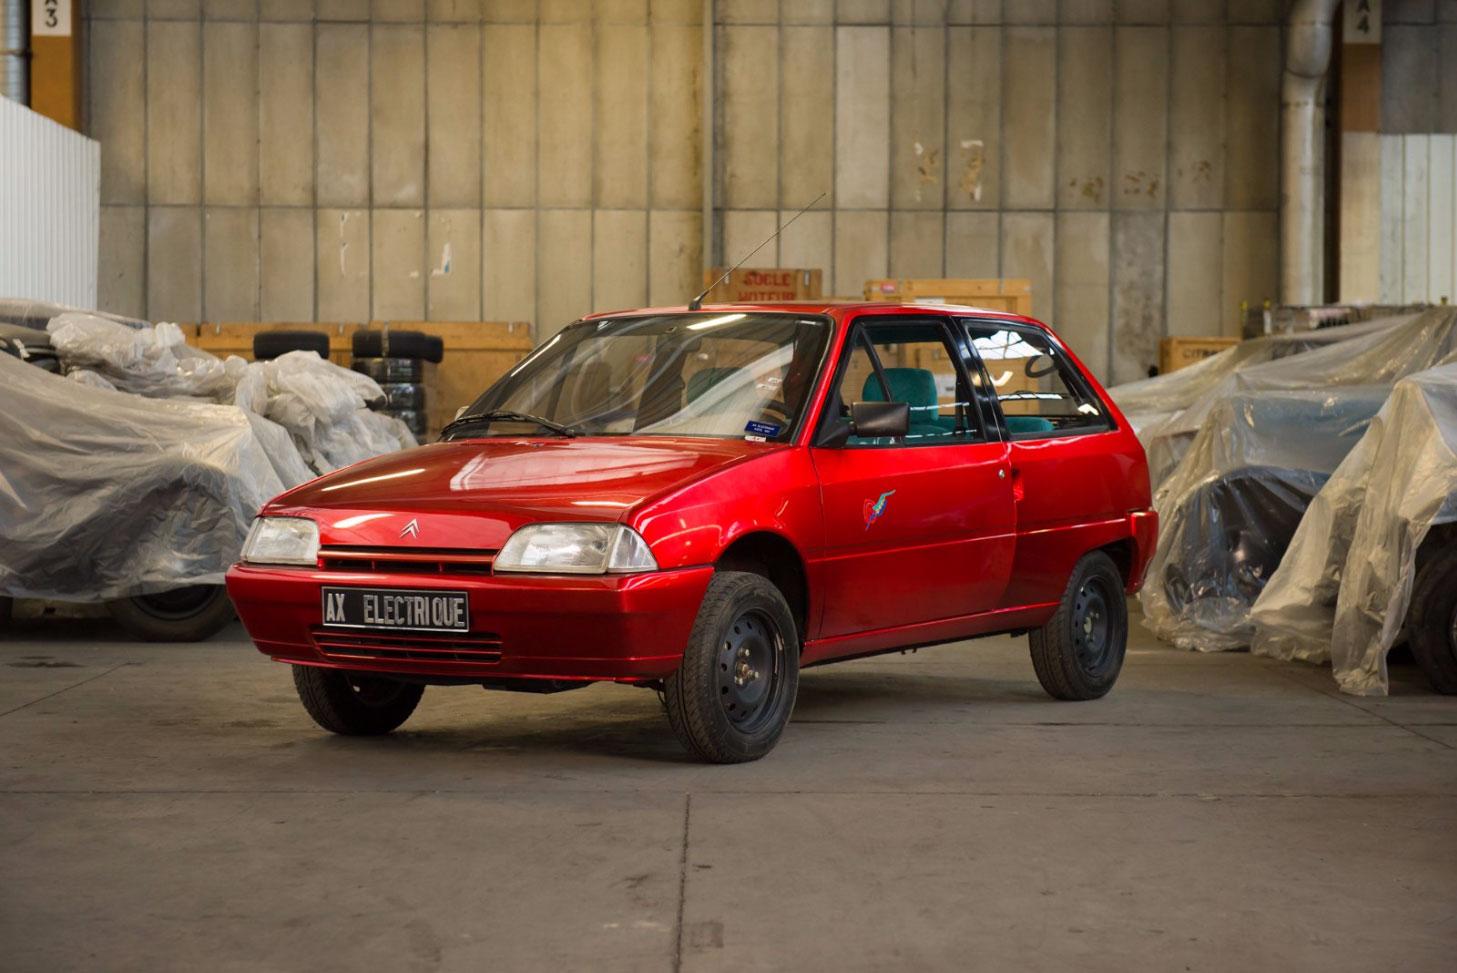 1995 Citroën AX électrique Axel